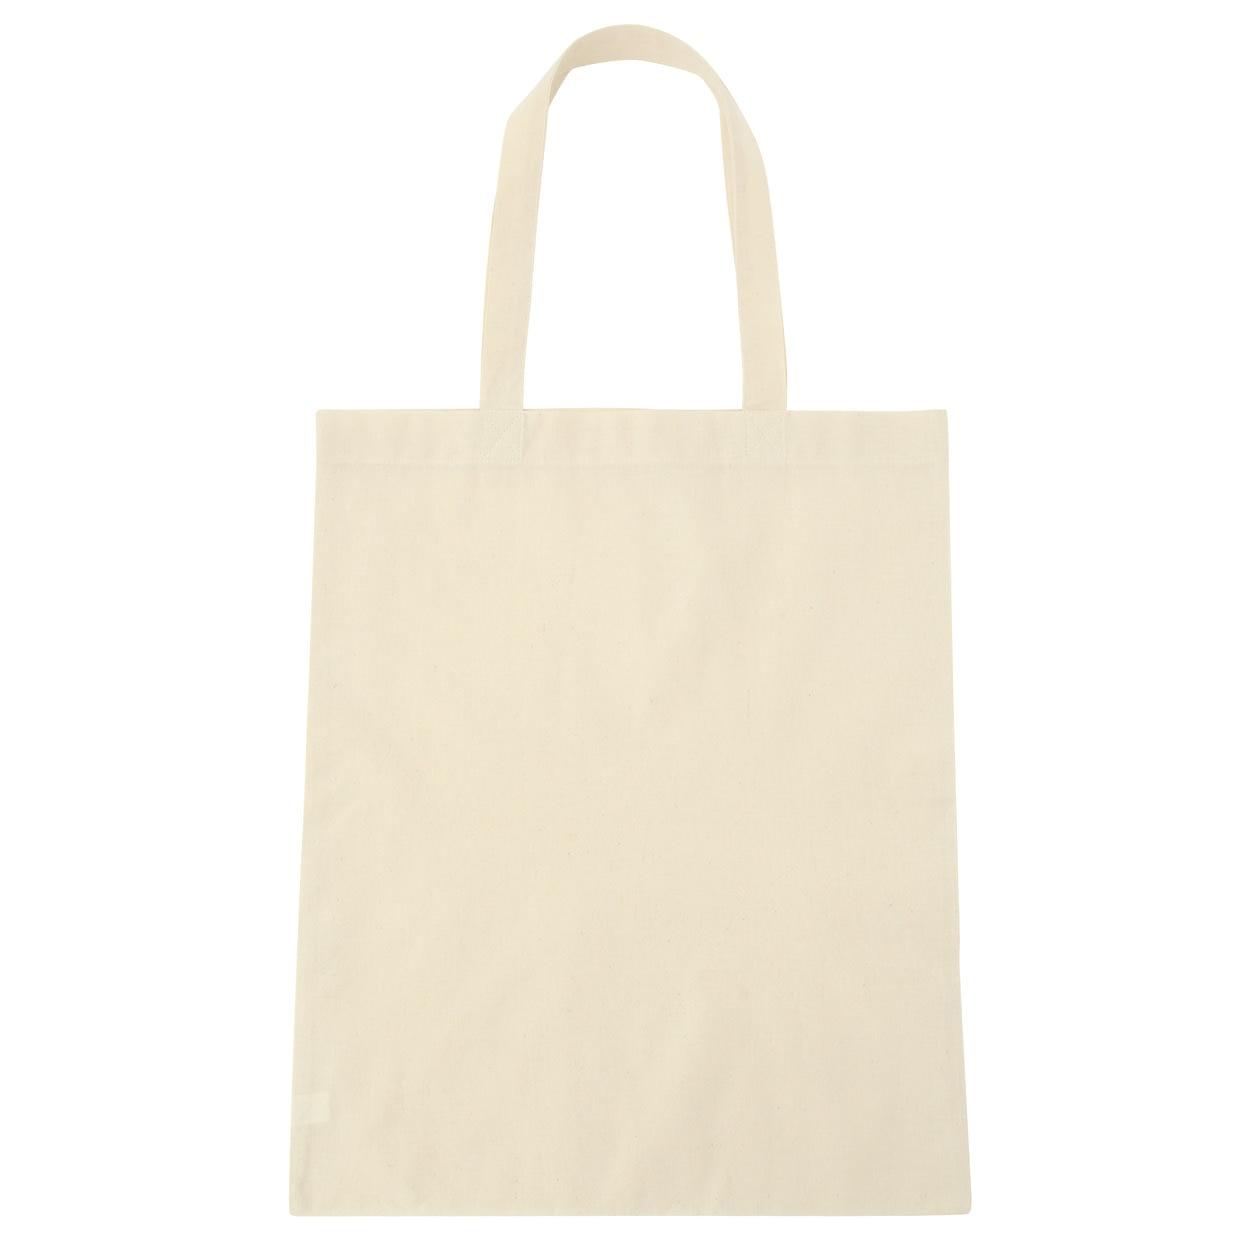 無印良品 エコバッグ 非売品 【未使用】